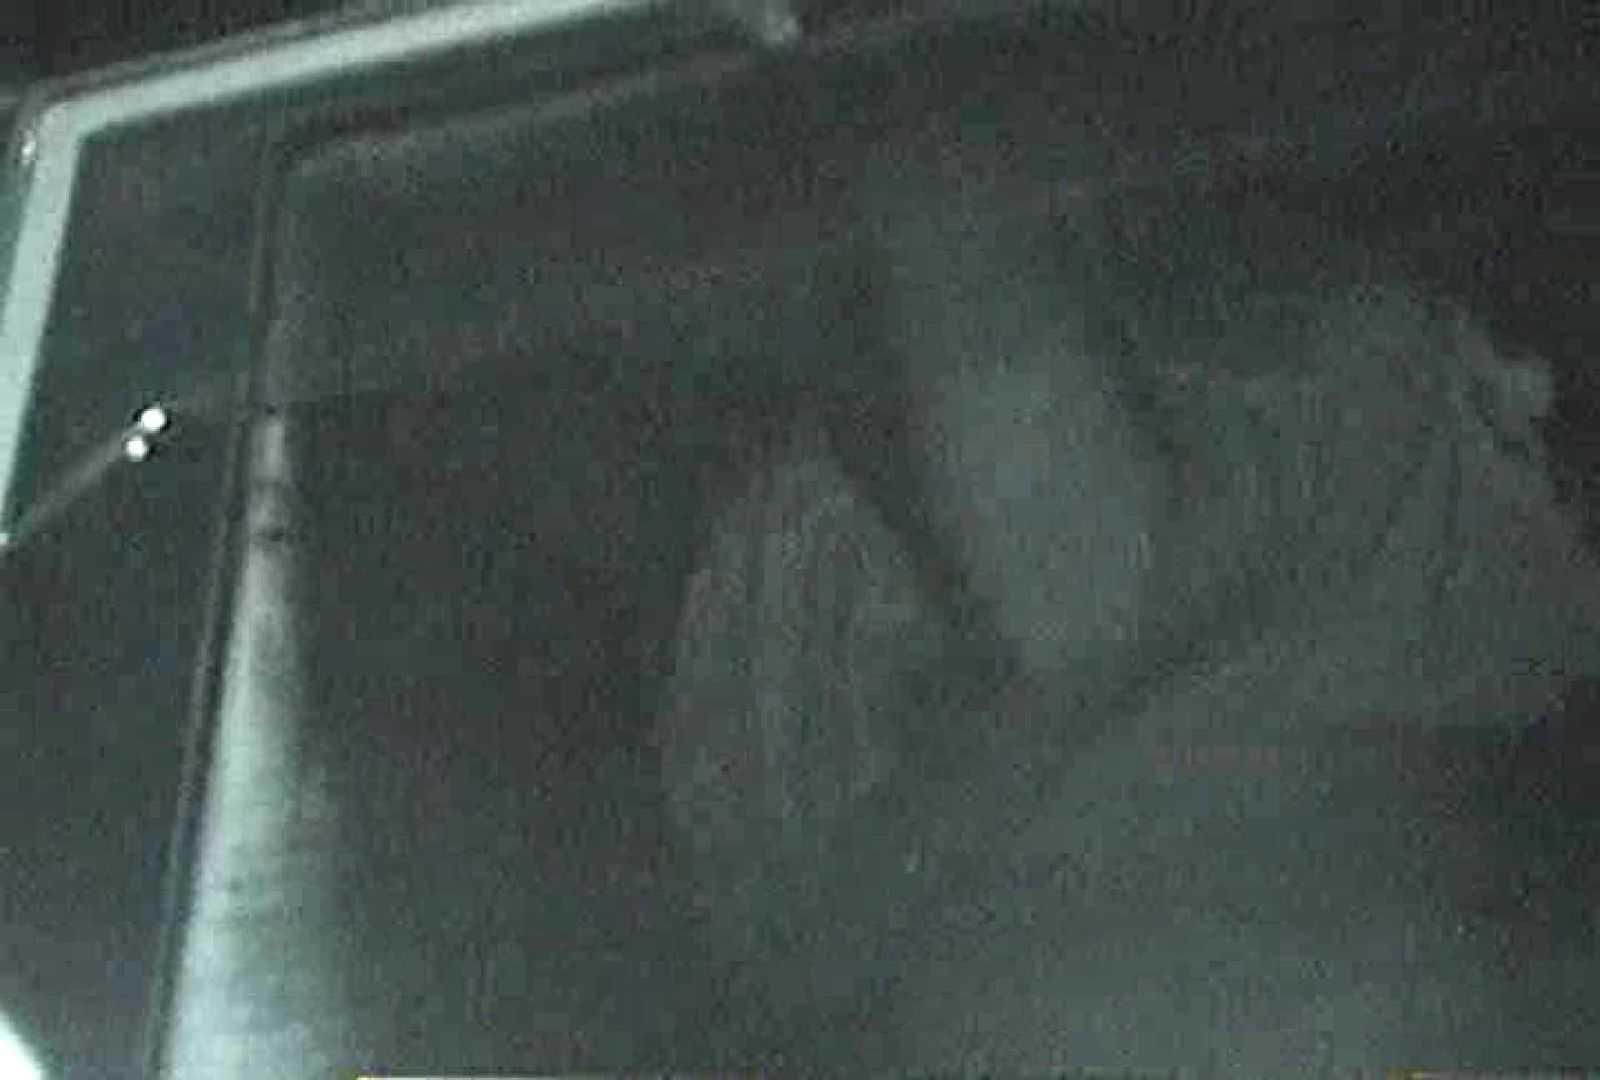 充血監督の深夜の運動会Vol.48 カップル おまんこ無修正動画無料 95pic 76